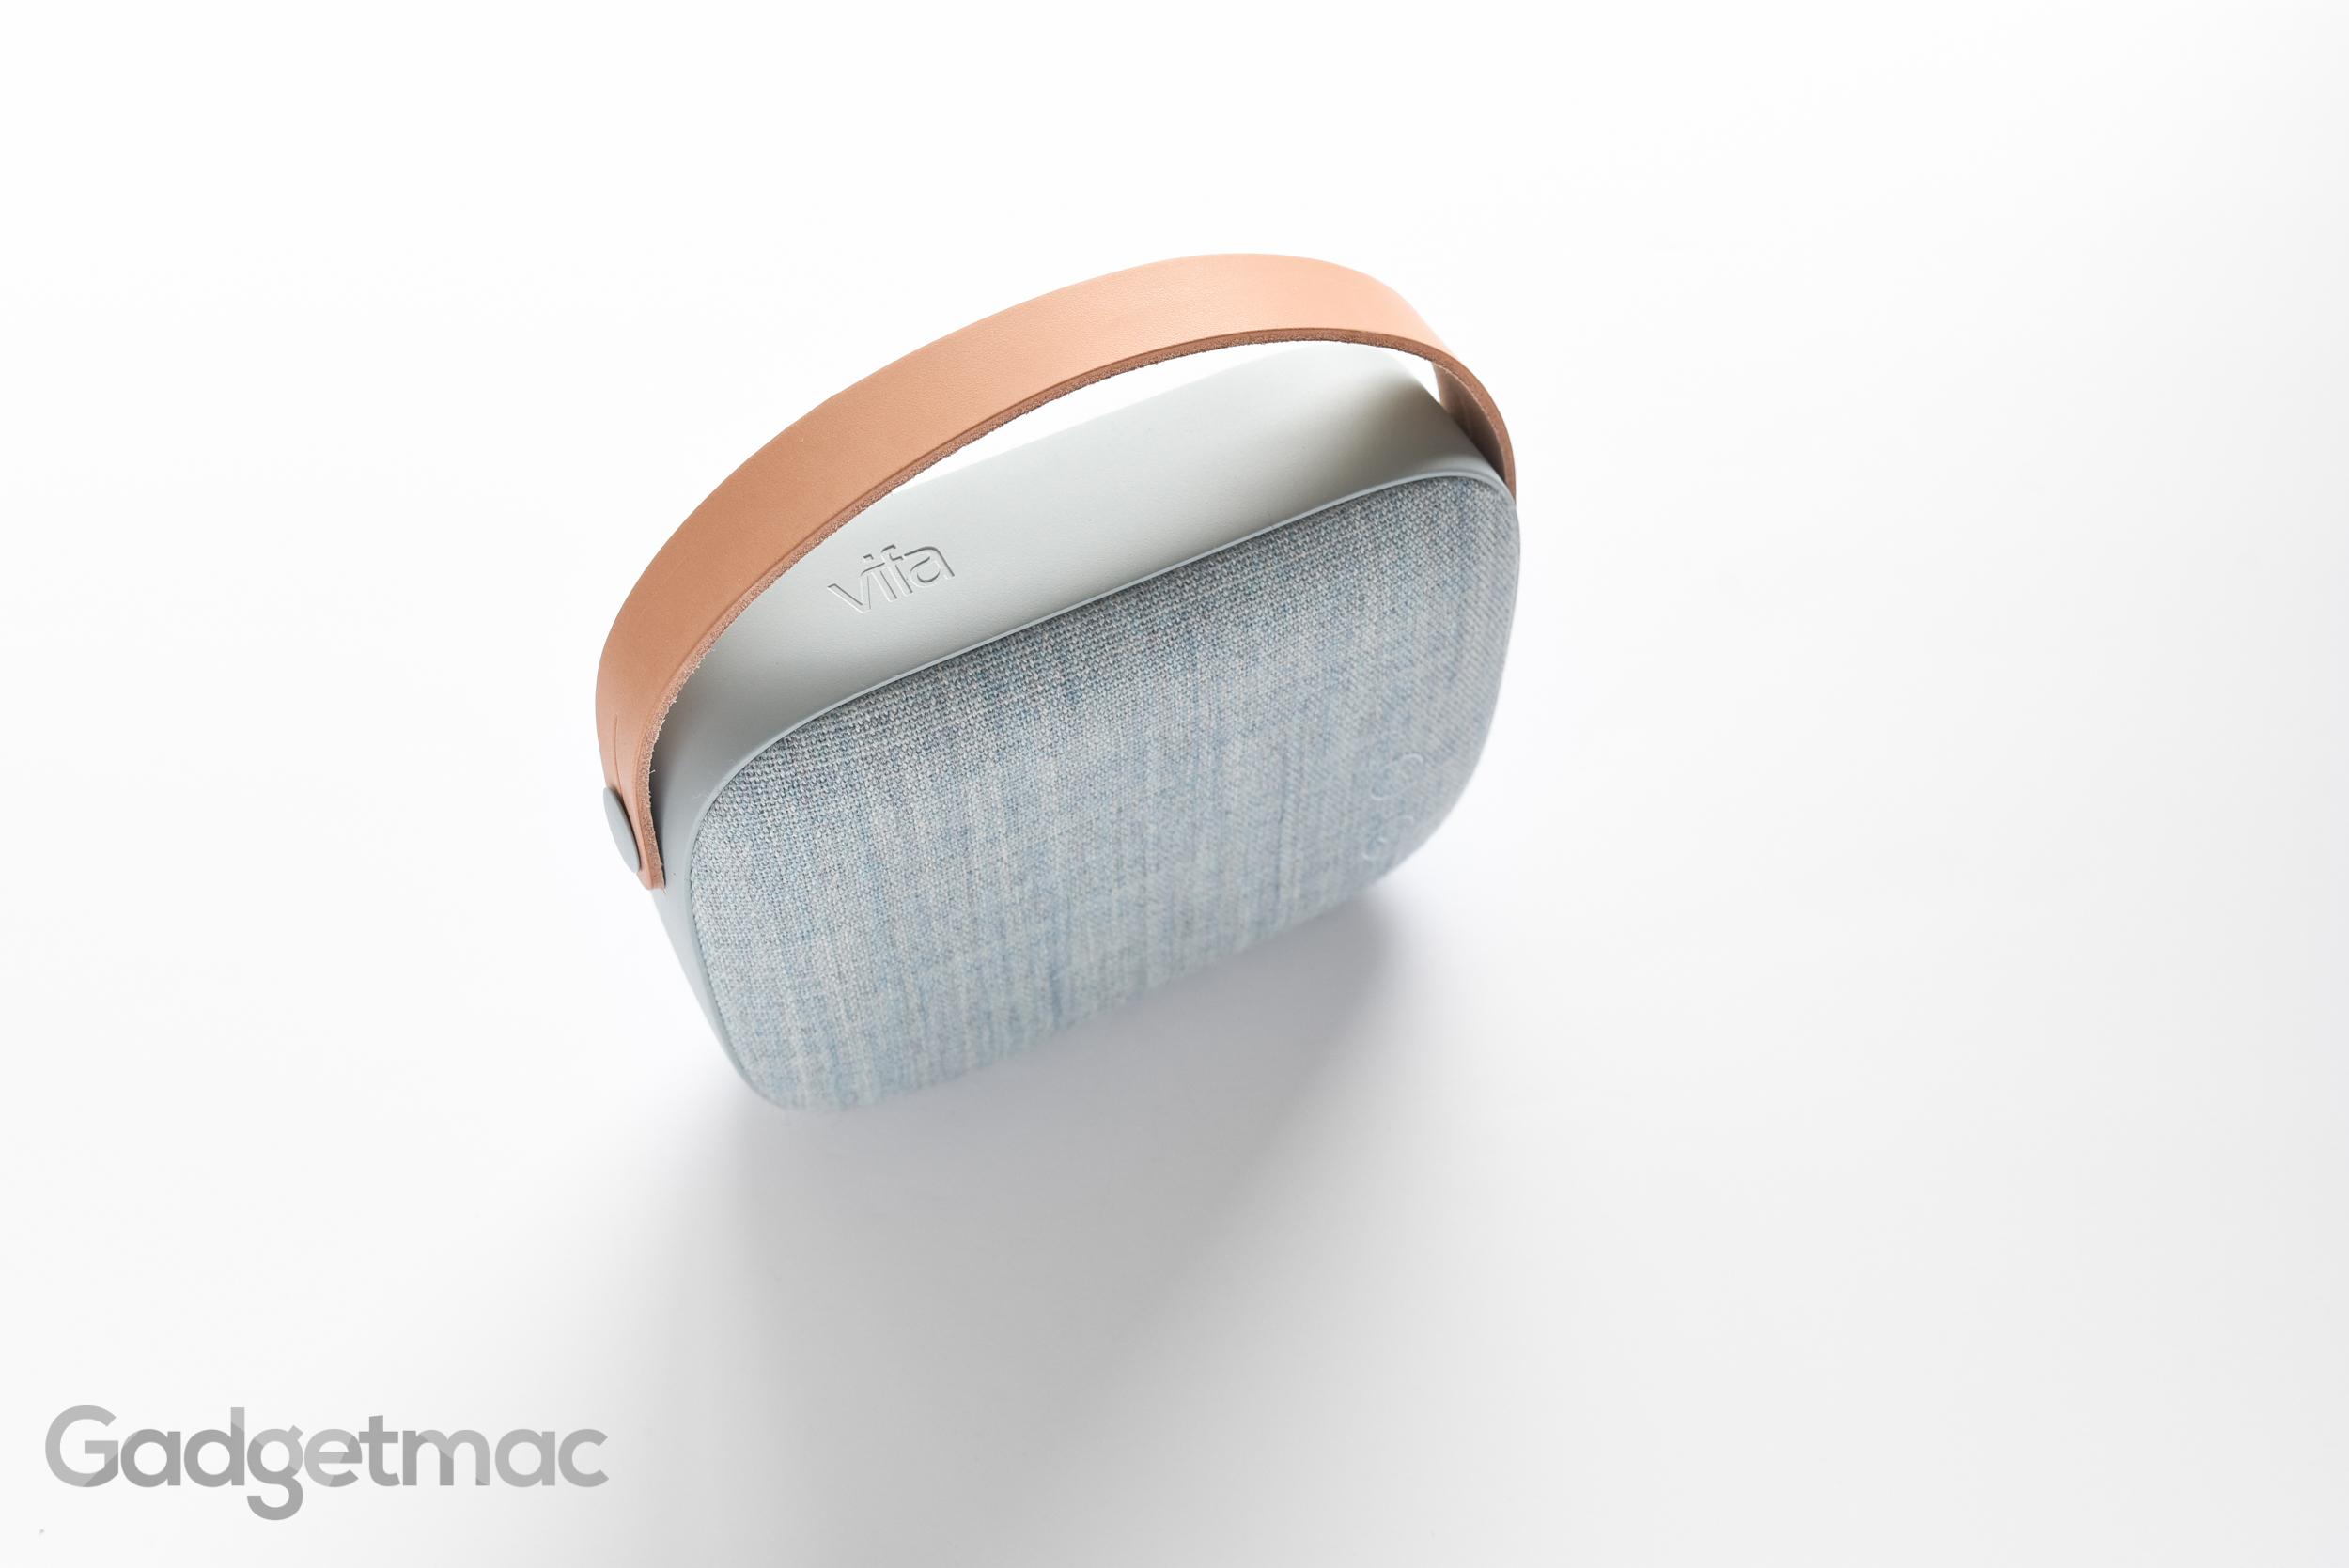 vifa-helsinki-portable-wireless-bluetooth-speaker.jpg